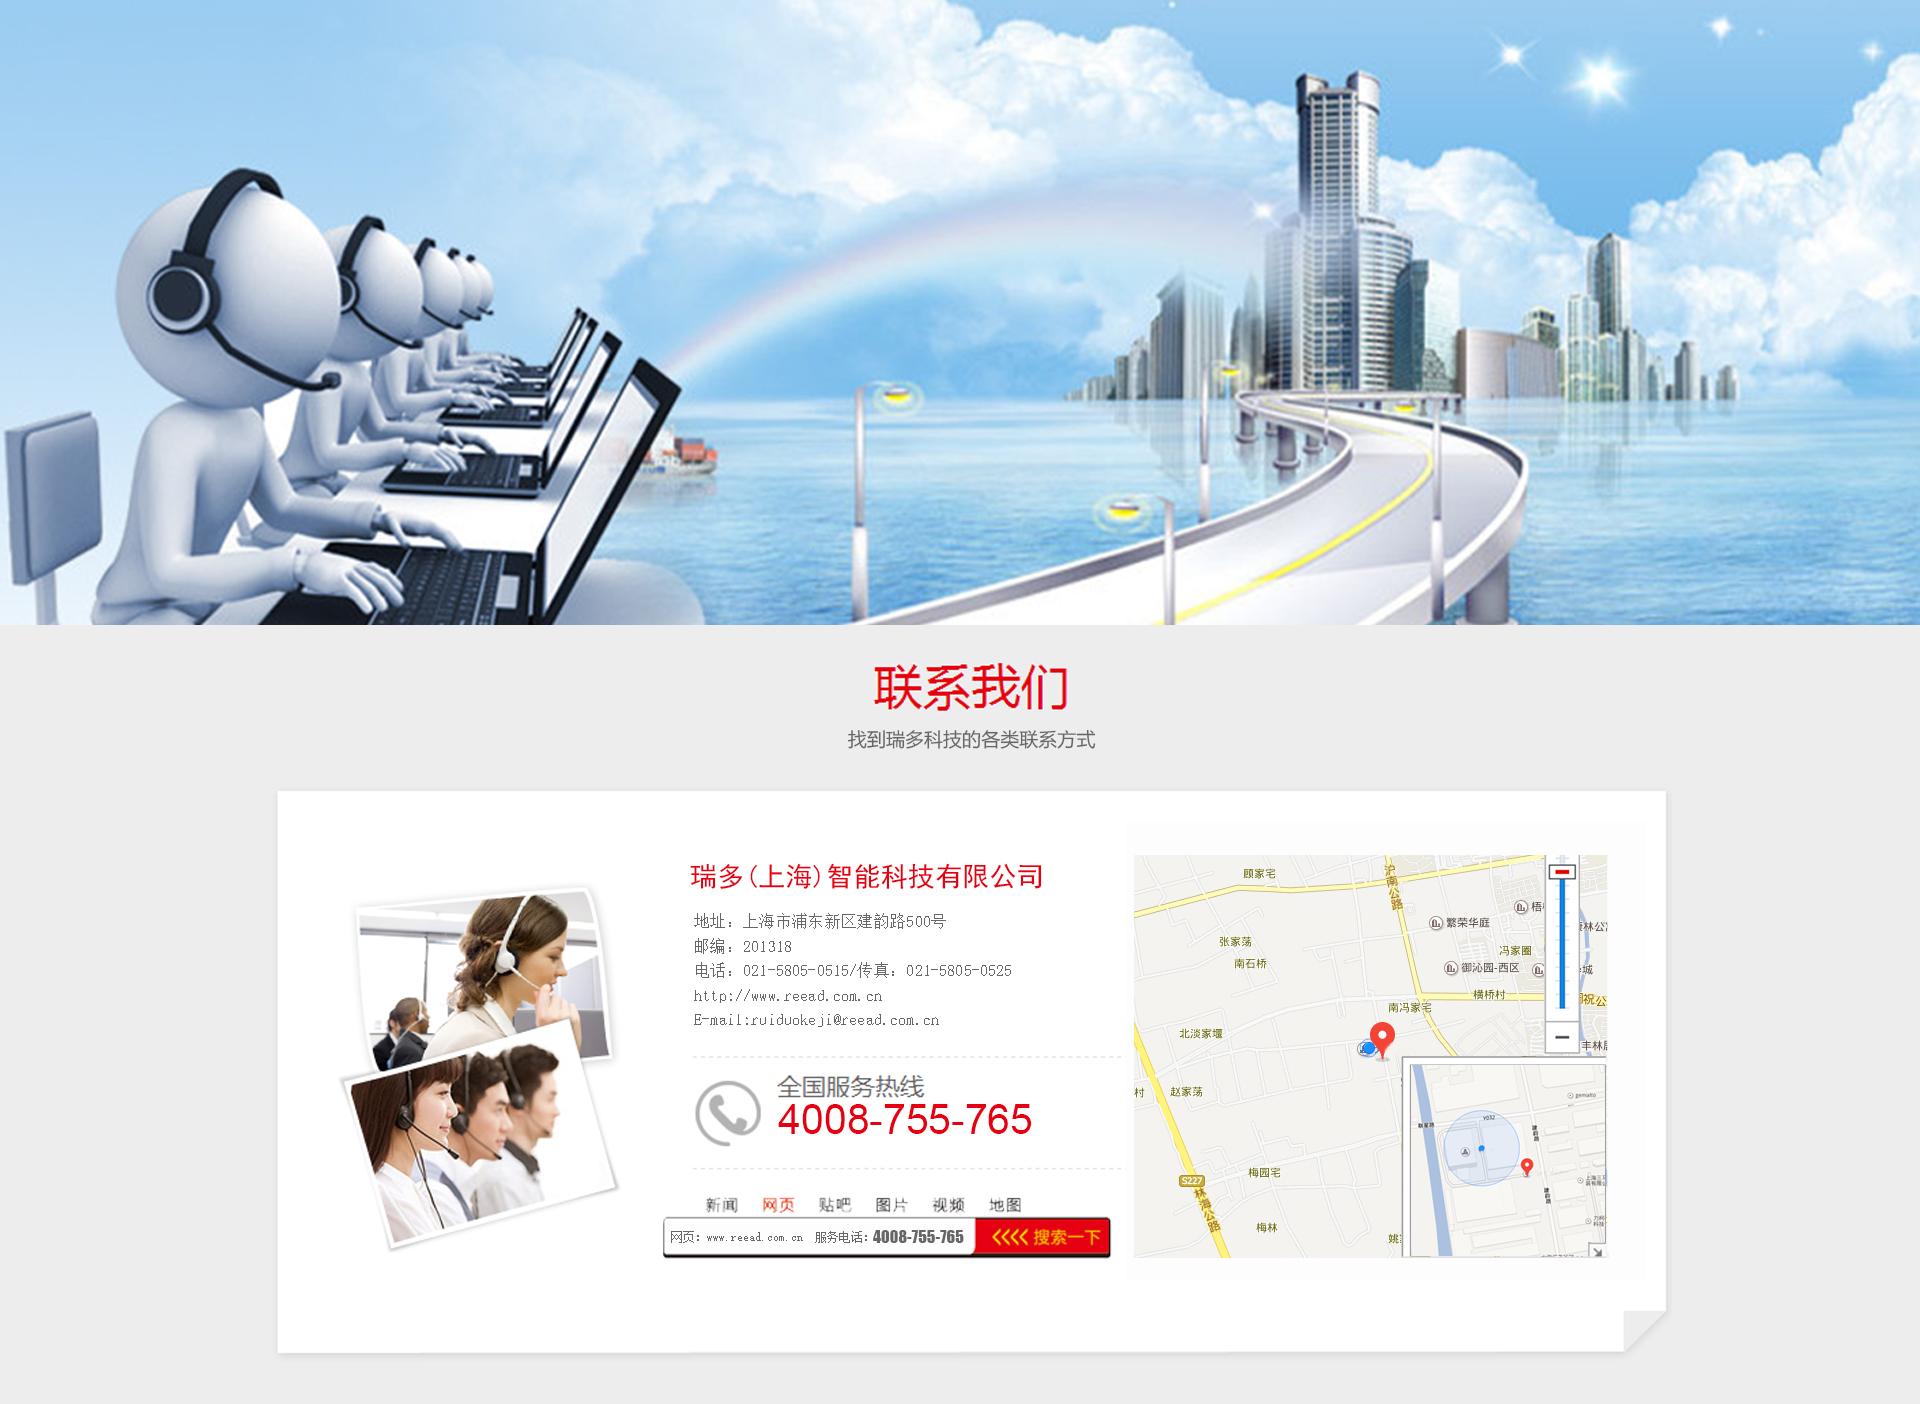 REEAD瑞多娱乐平台官方网站REEAD公司联系方式电话02158050515网址reead.com.cn